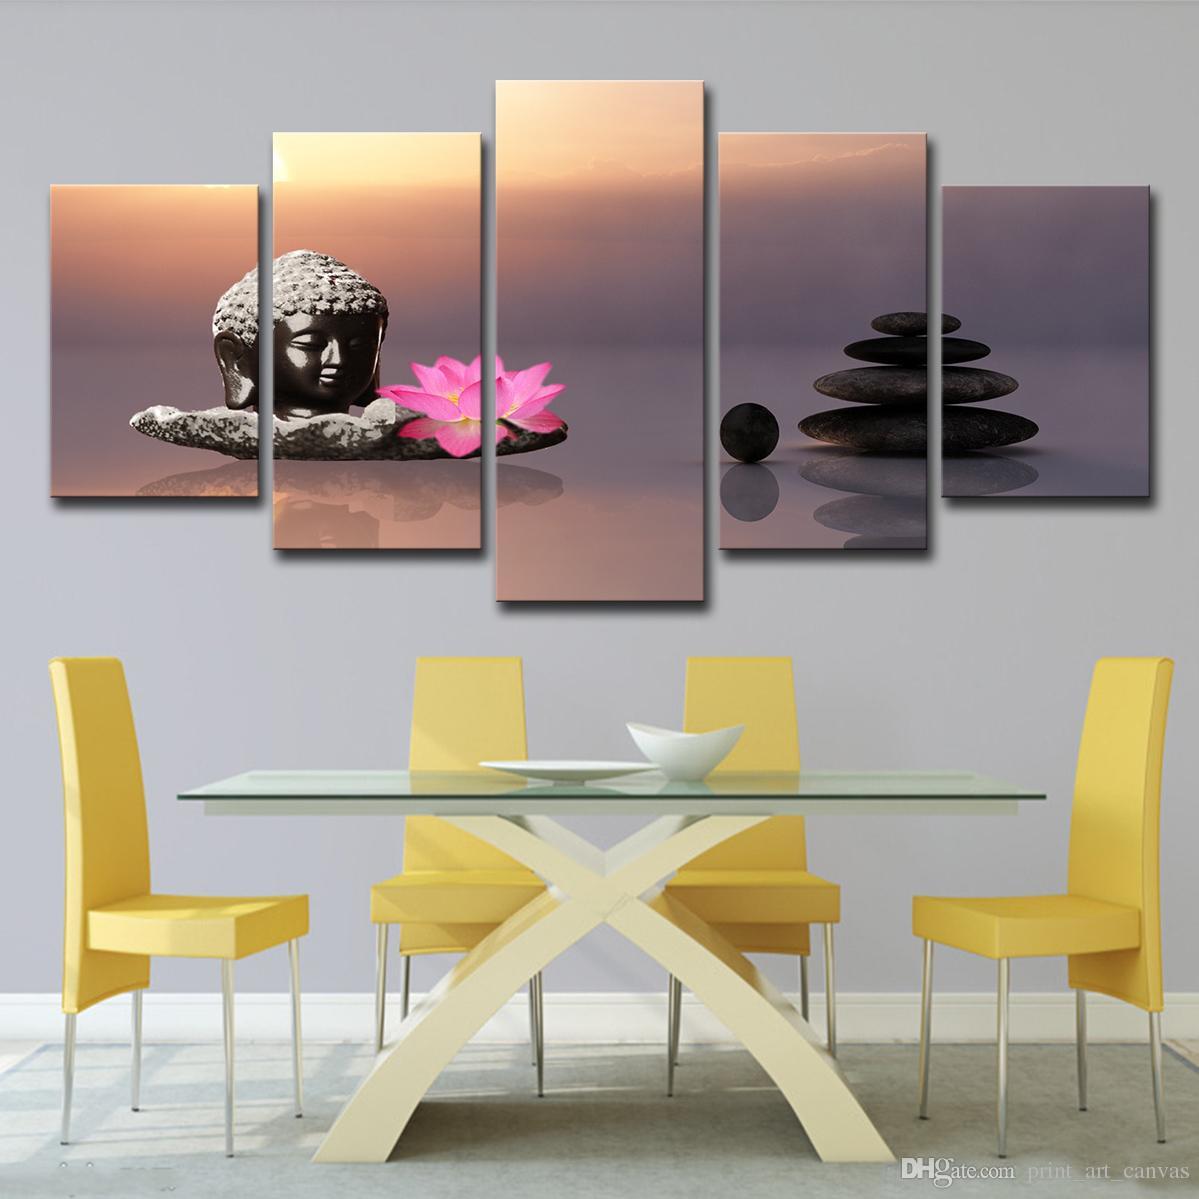 Fleur Pour Decoration Salon acheter mur art décoration de la maison peinture peinture affiche 5 panneau  pierre bouddha rose lotus fleurs pour le salon hd prints photos de 12,96 €